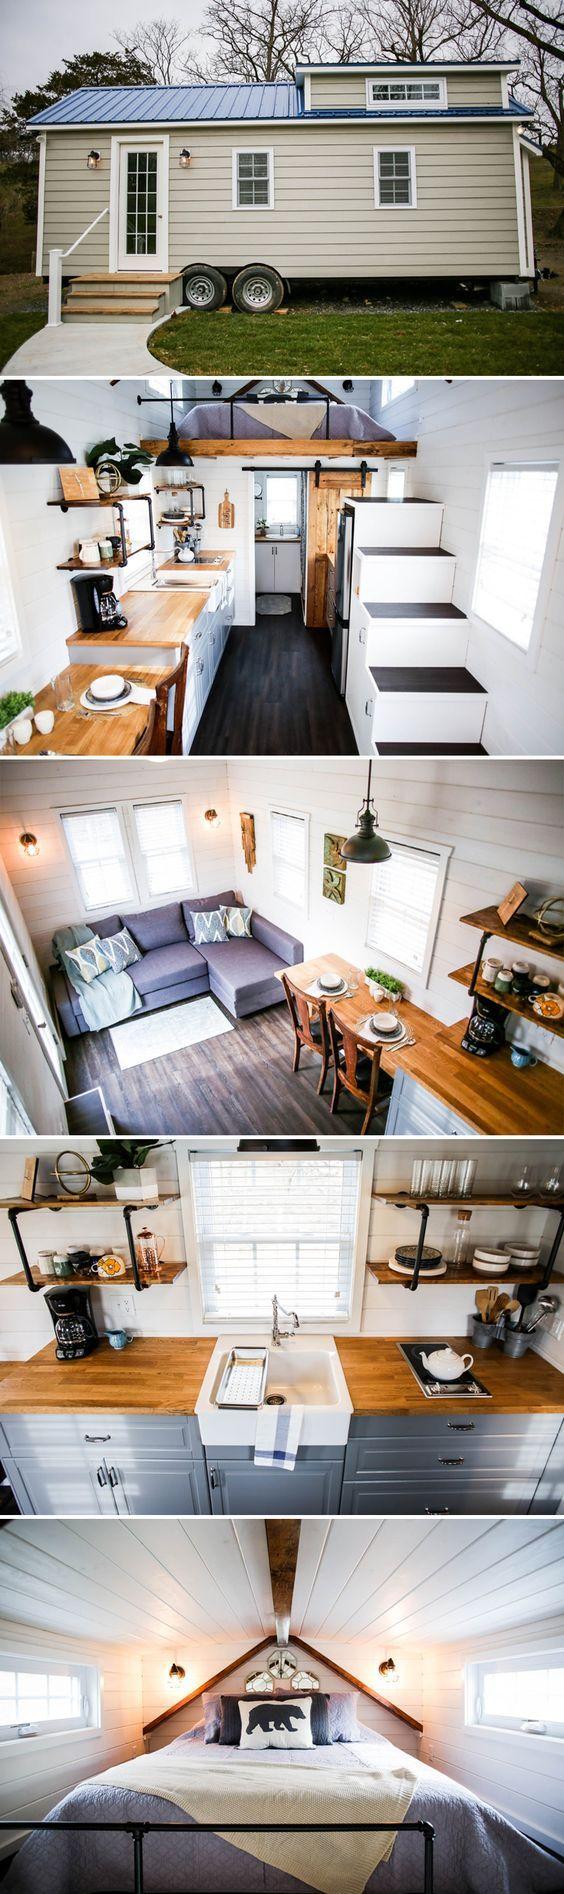 226 besten bauwagen bilder auf pinterest bauwagen hirten h tte und kleine h user. Black Bedroom Furniture Sets. Home Design Ideas